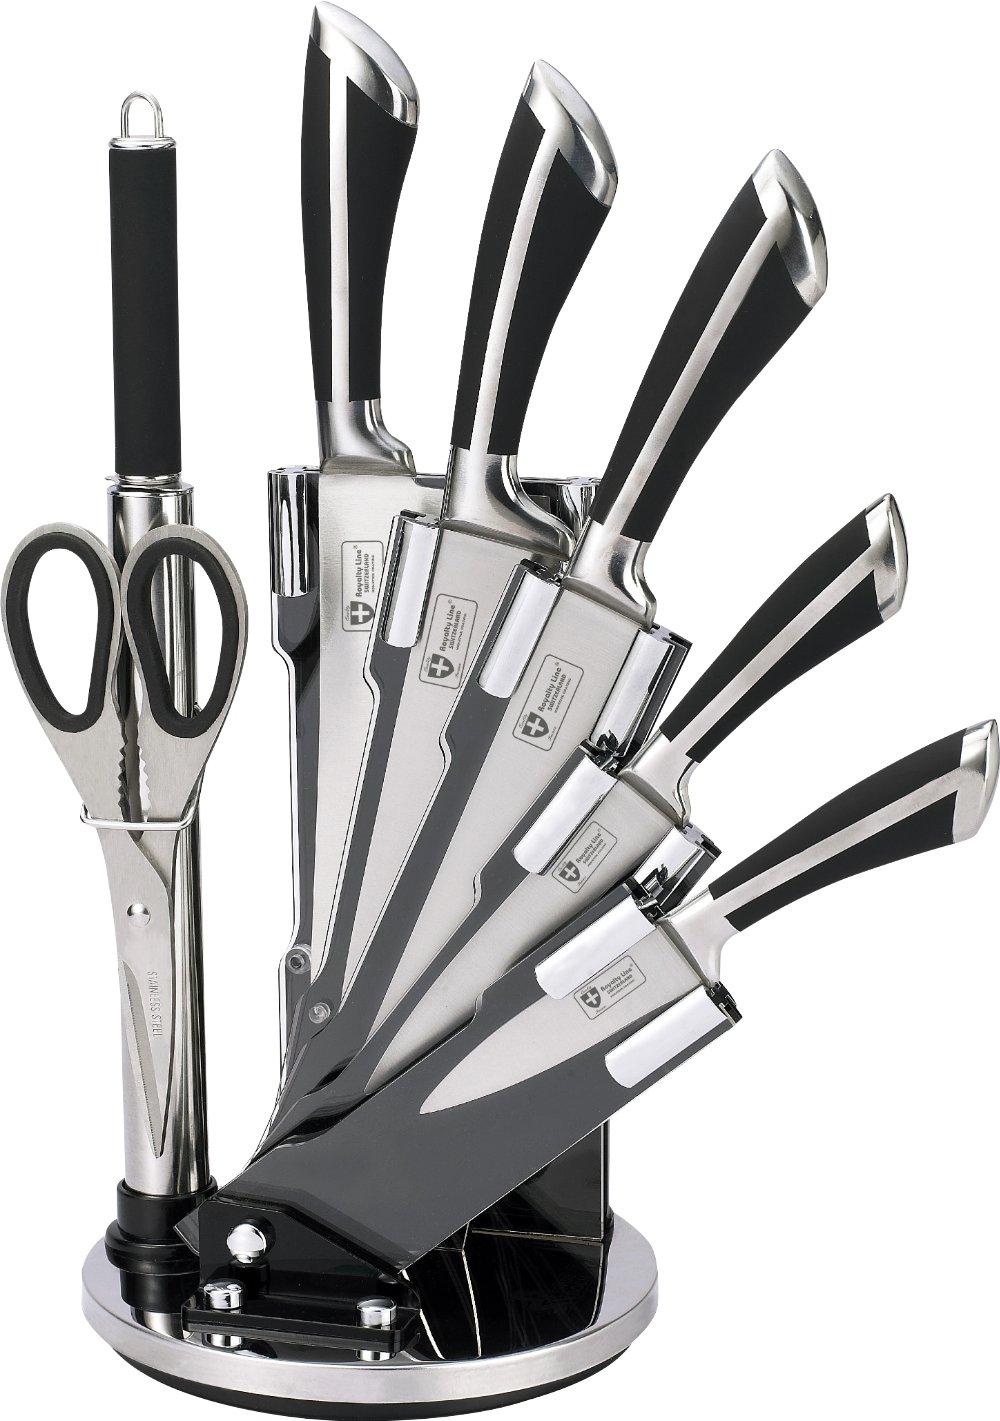 Royalty Line Messer-Set Messer-Set Messer-Set (8-teilig) aus Edelstahl mit Drehständer + Schere + Messerschärfer (KSS700) B019F8E8RS Messerblocksets 80af78